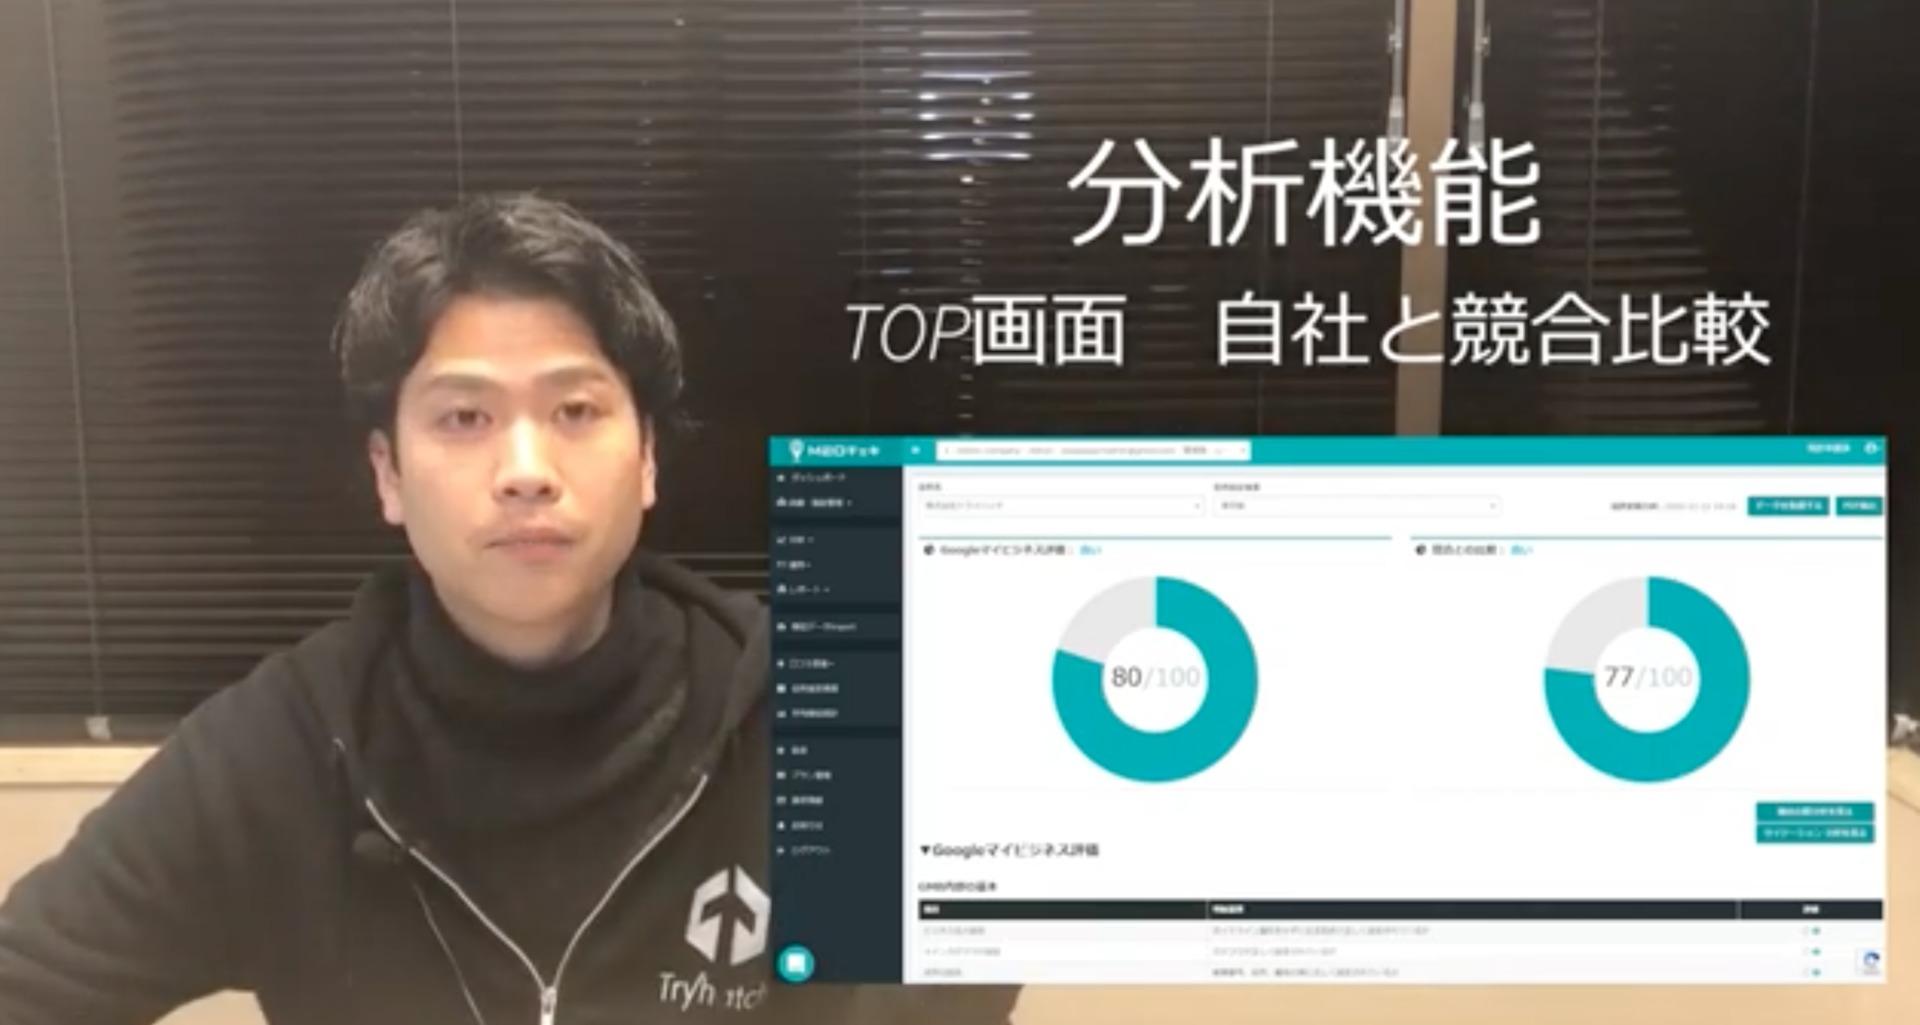 MEOチェキ分析機能を動画で解説!